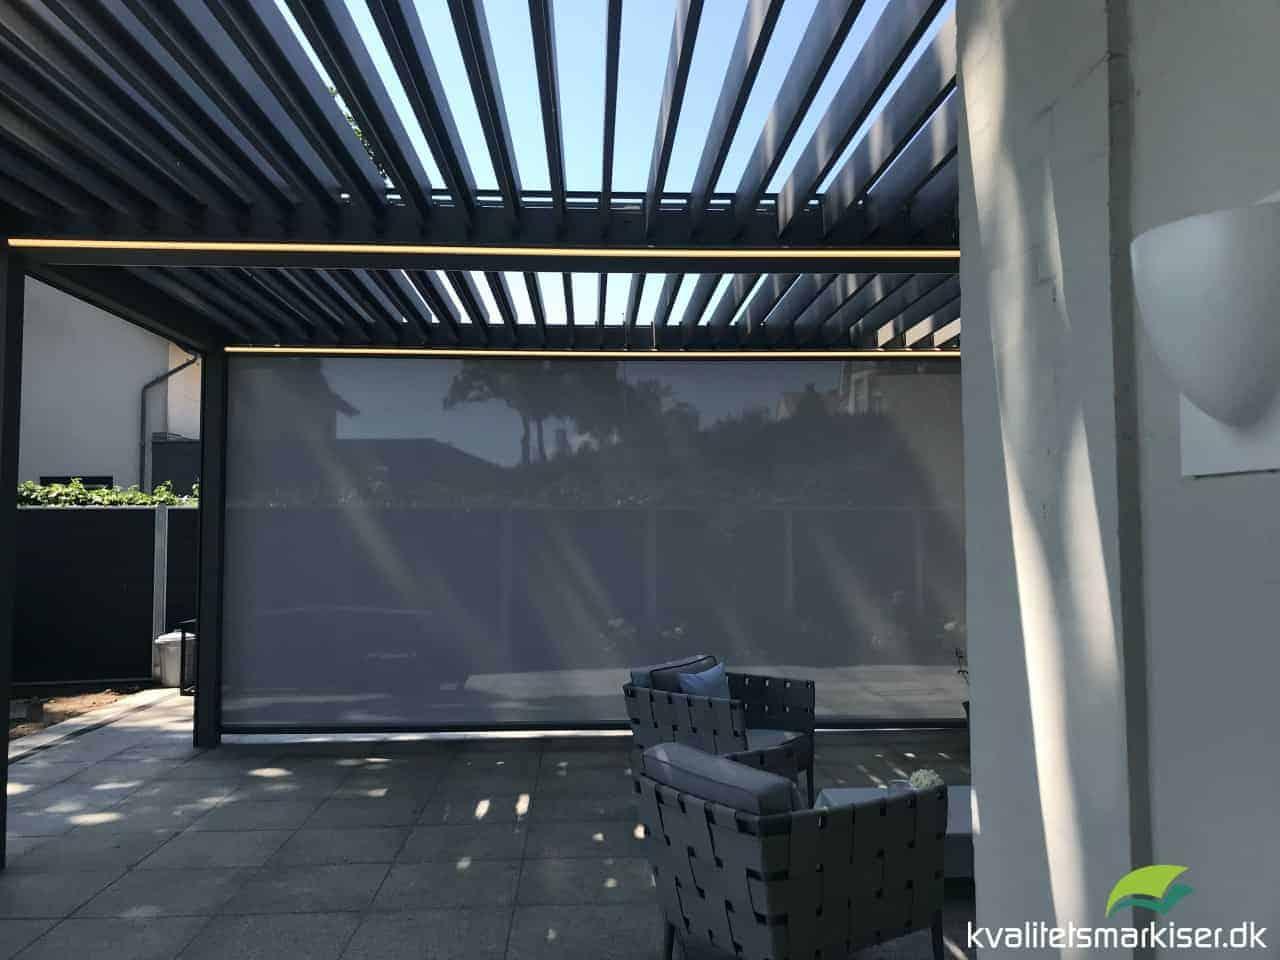 Dobbelt Renson Camargue Pergola med Fixscreens og LED-belysning